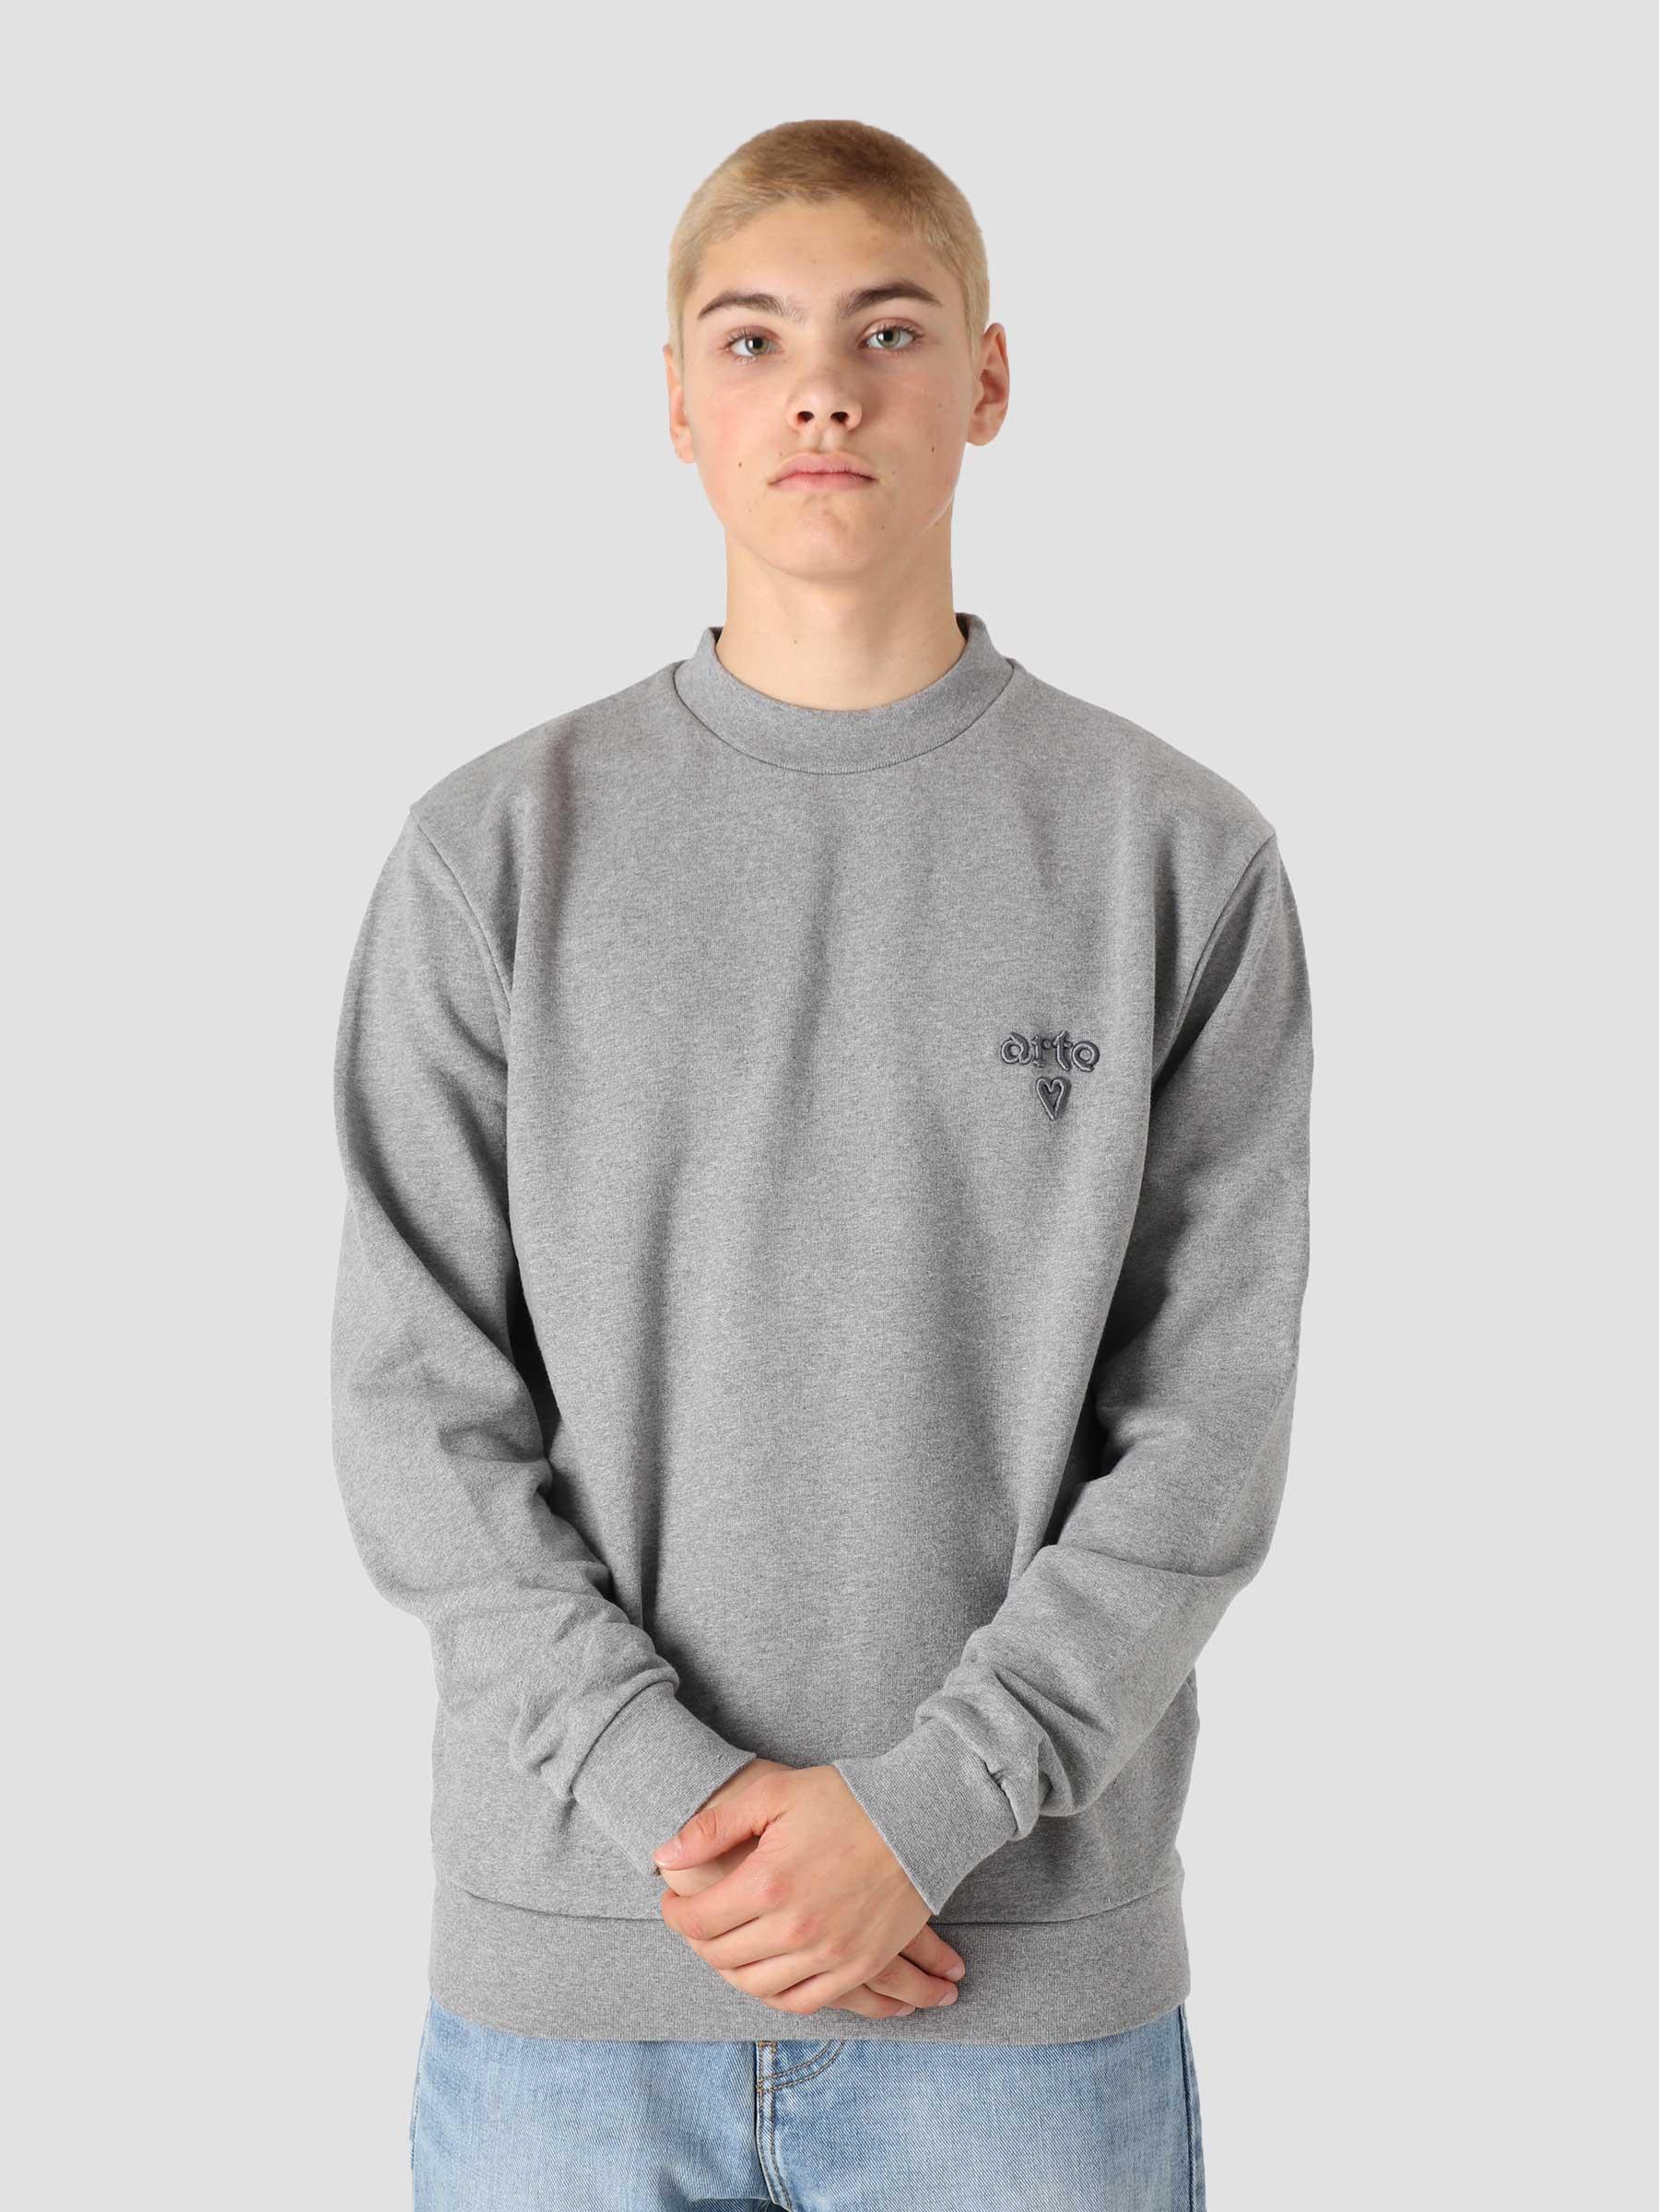 Cassat Heart Logo Sweater Grey AW21-084C